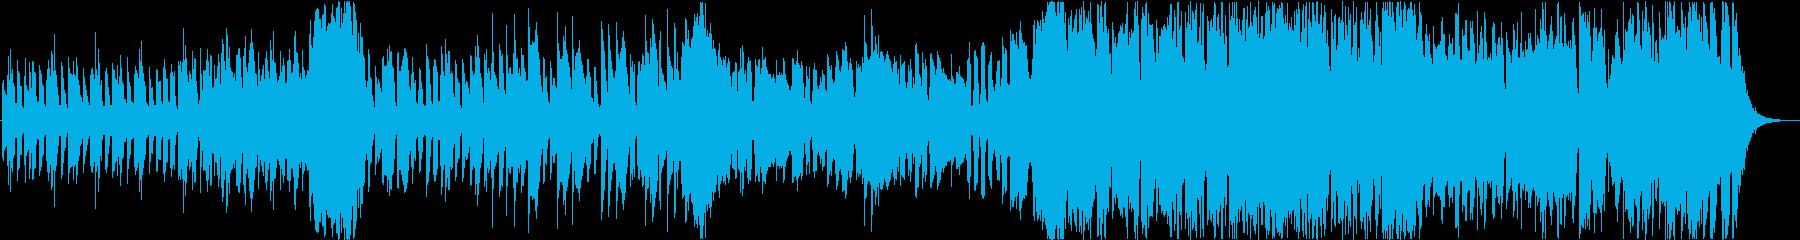 可愛らしくメルヘンな木琴BGMの再生済みの波形